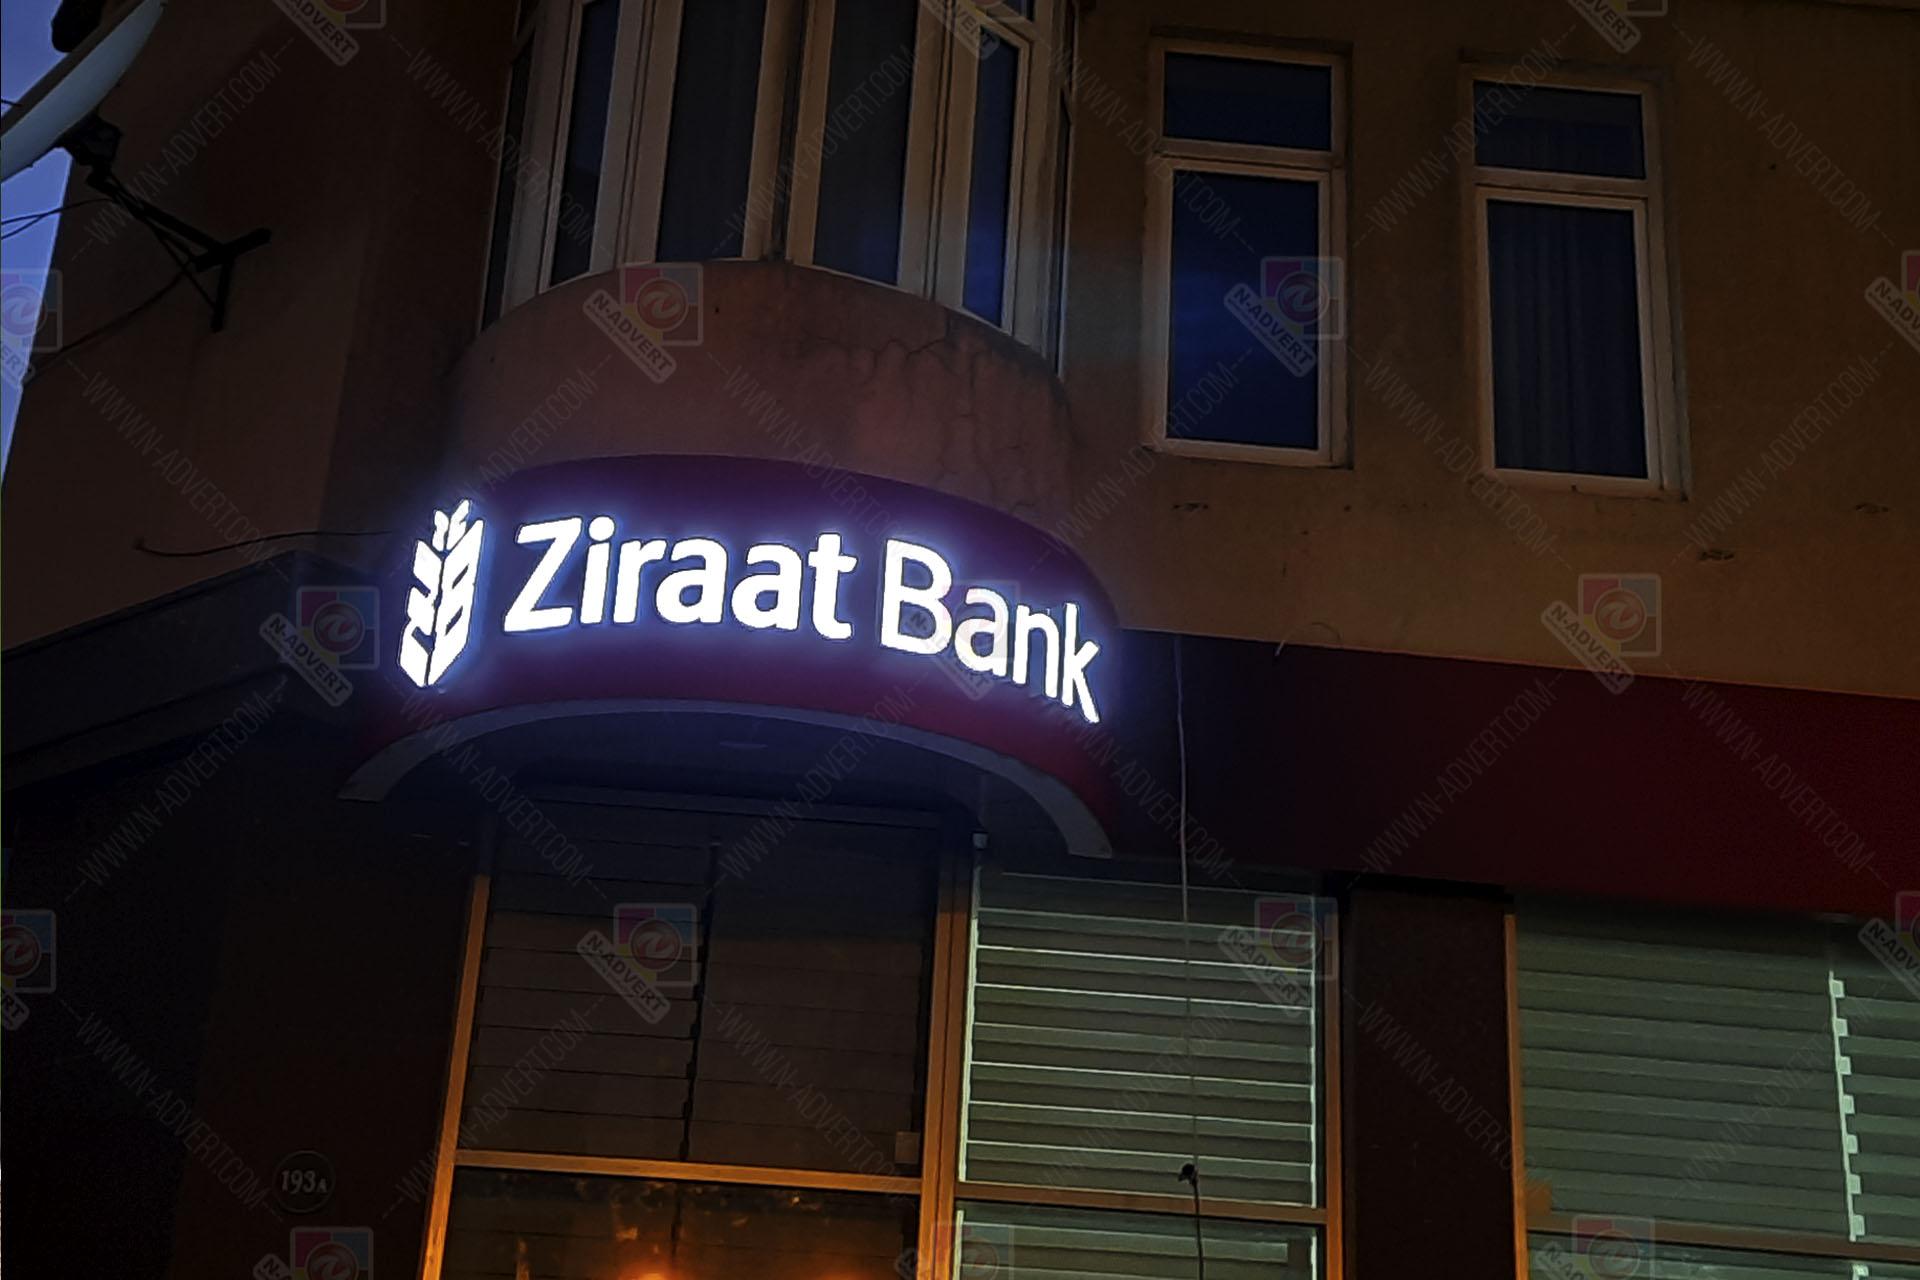 Ziraat bank - 3 1920x1280